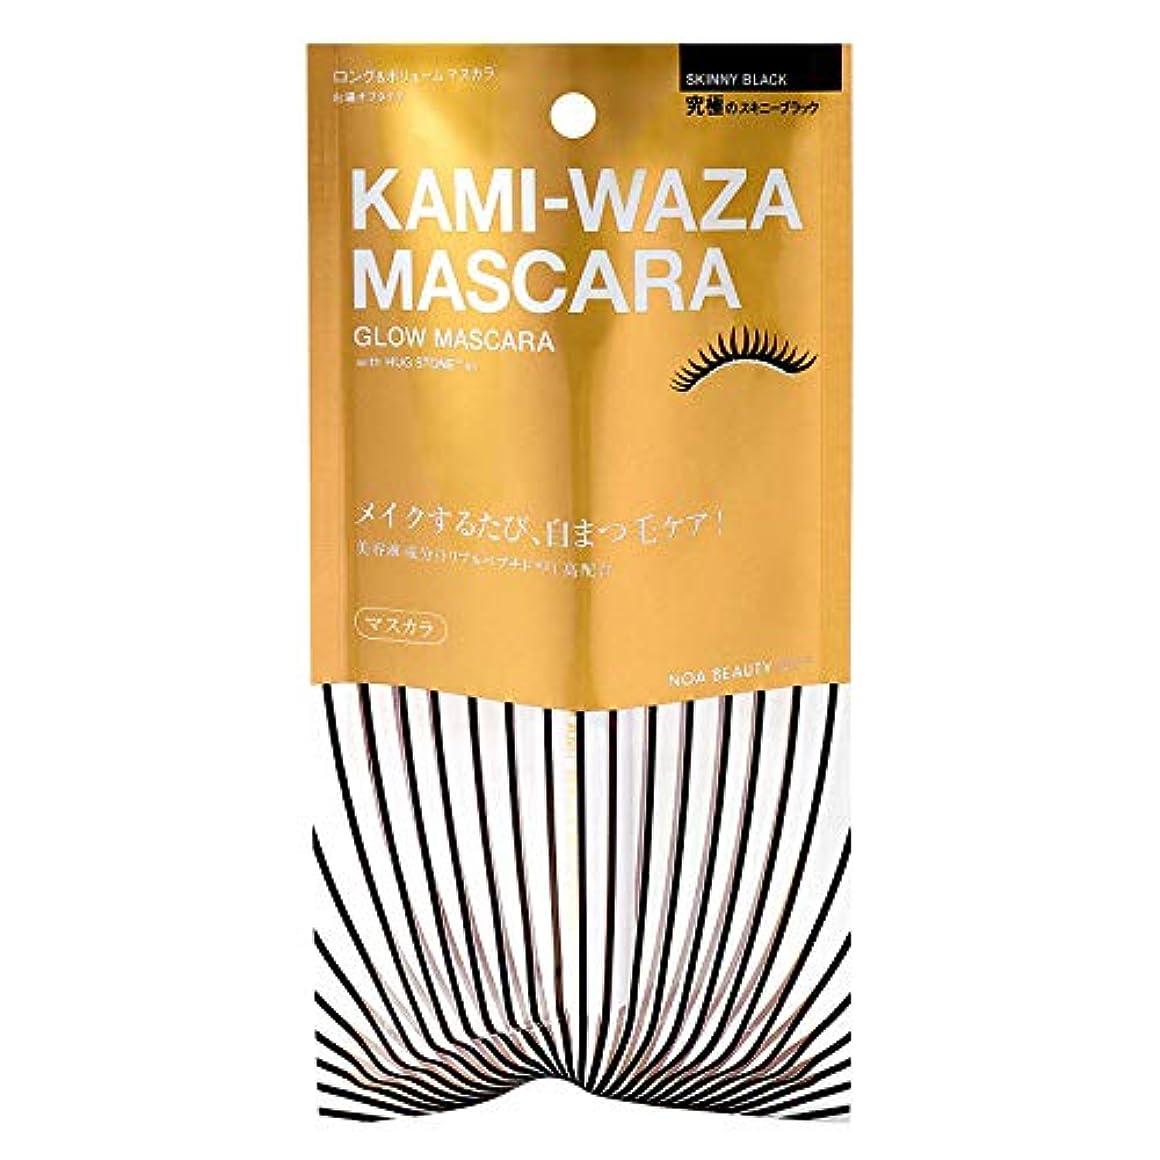 腐ったスーパーマーケット気候KAMI-WAZA(カミワザ) MASCARA 〈美容マスカラ〉 KWM01 (8g)